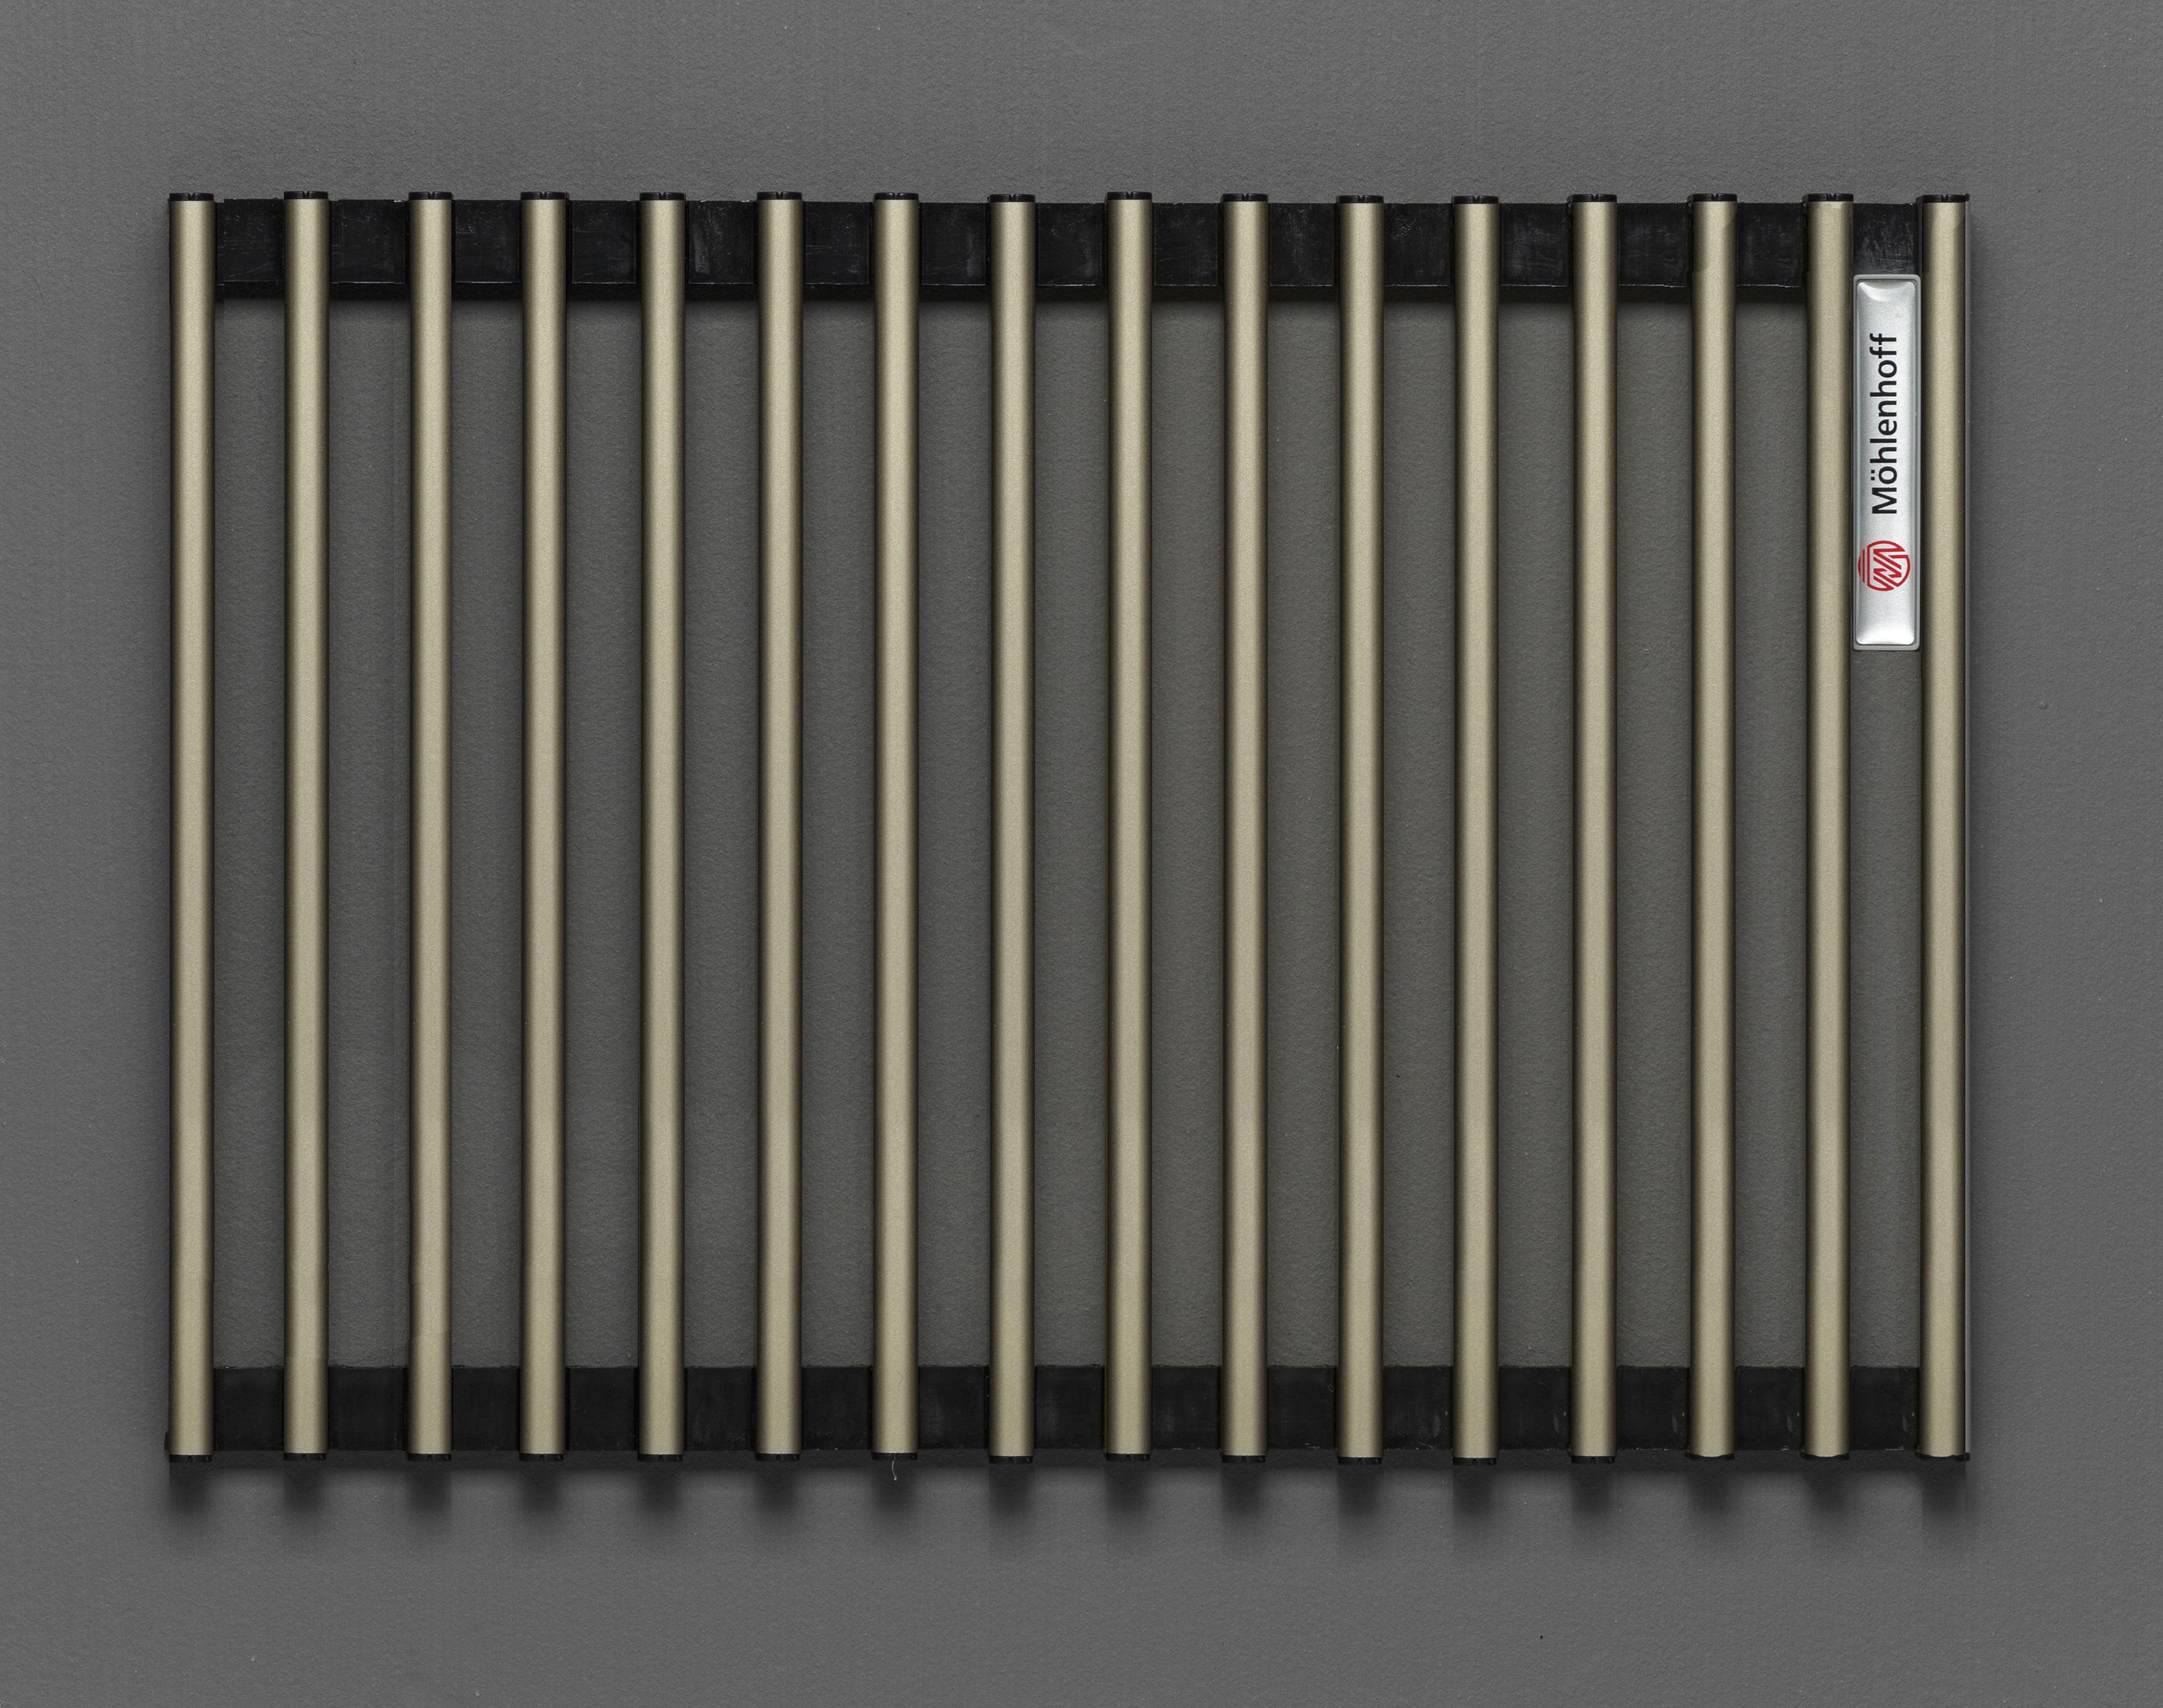 Купить Декоративная решётка Mohlenhoff светлая бронза, шириной 180 мм 1 пог. м, Россия